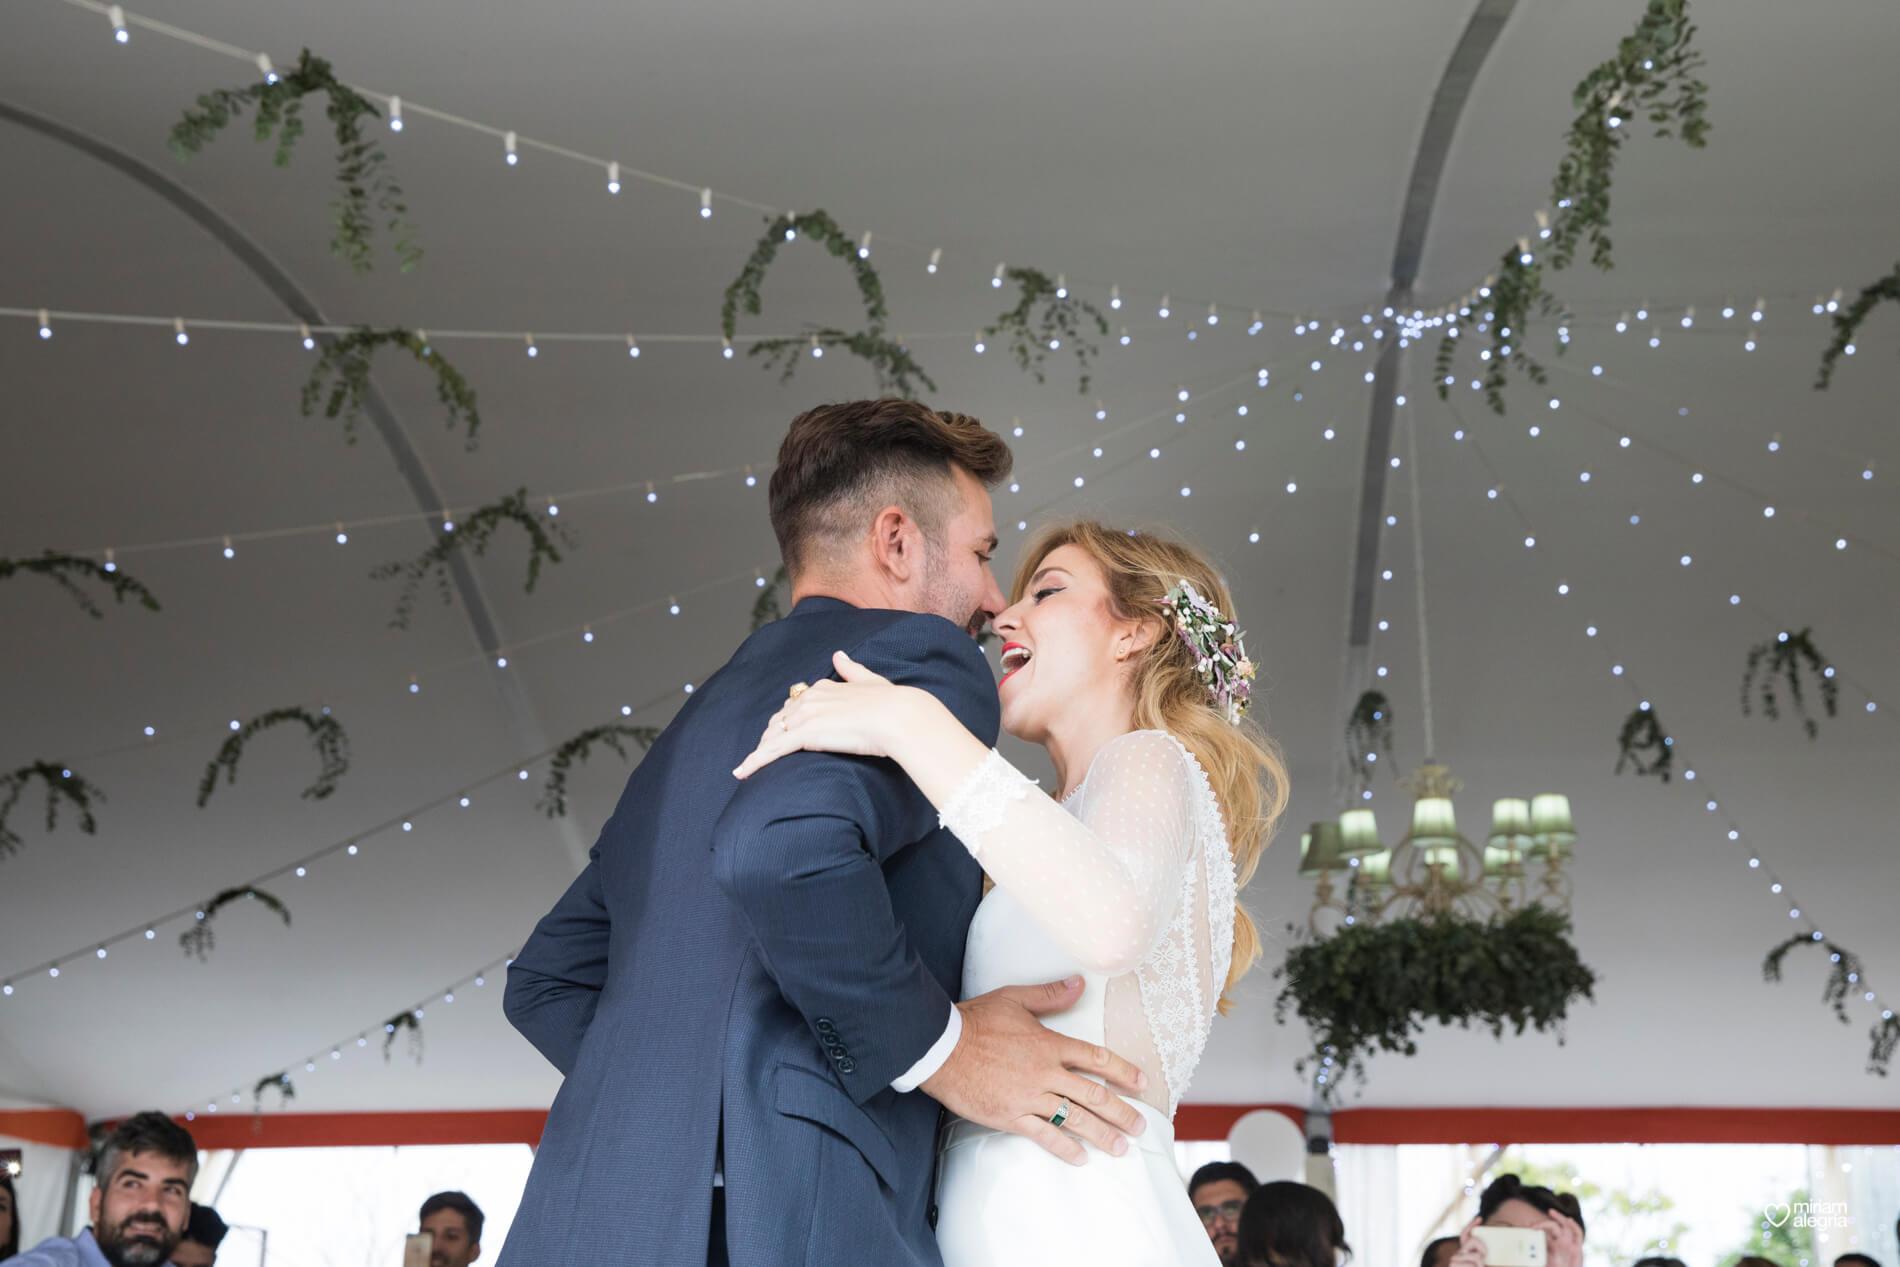 boda-en-finca-villa-vera-de-alemc7-miriam-alegria-fotografos-boda-murcia-198